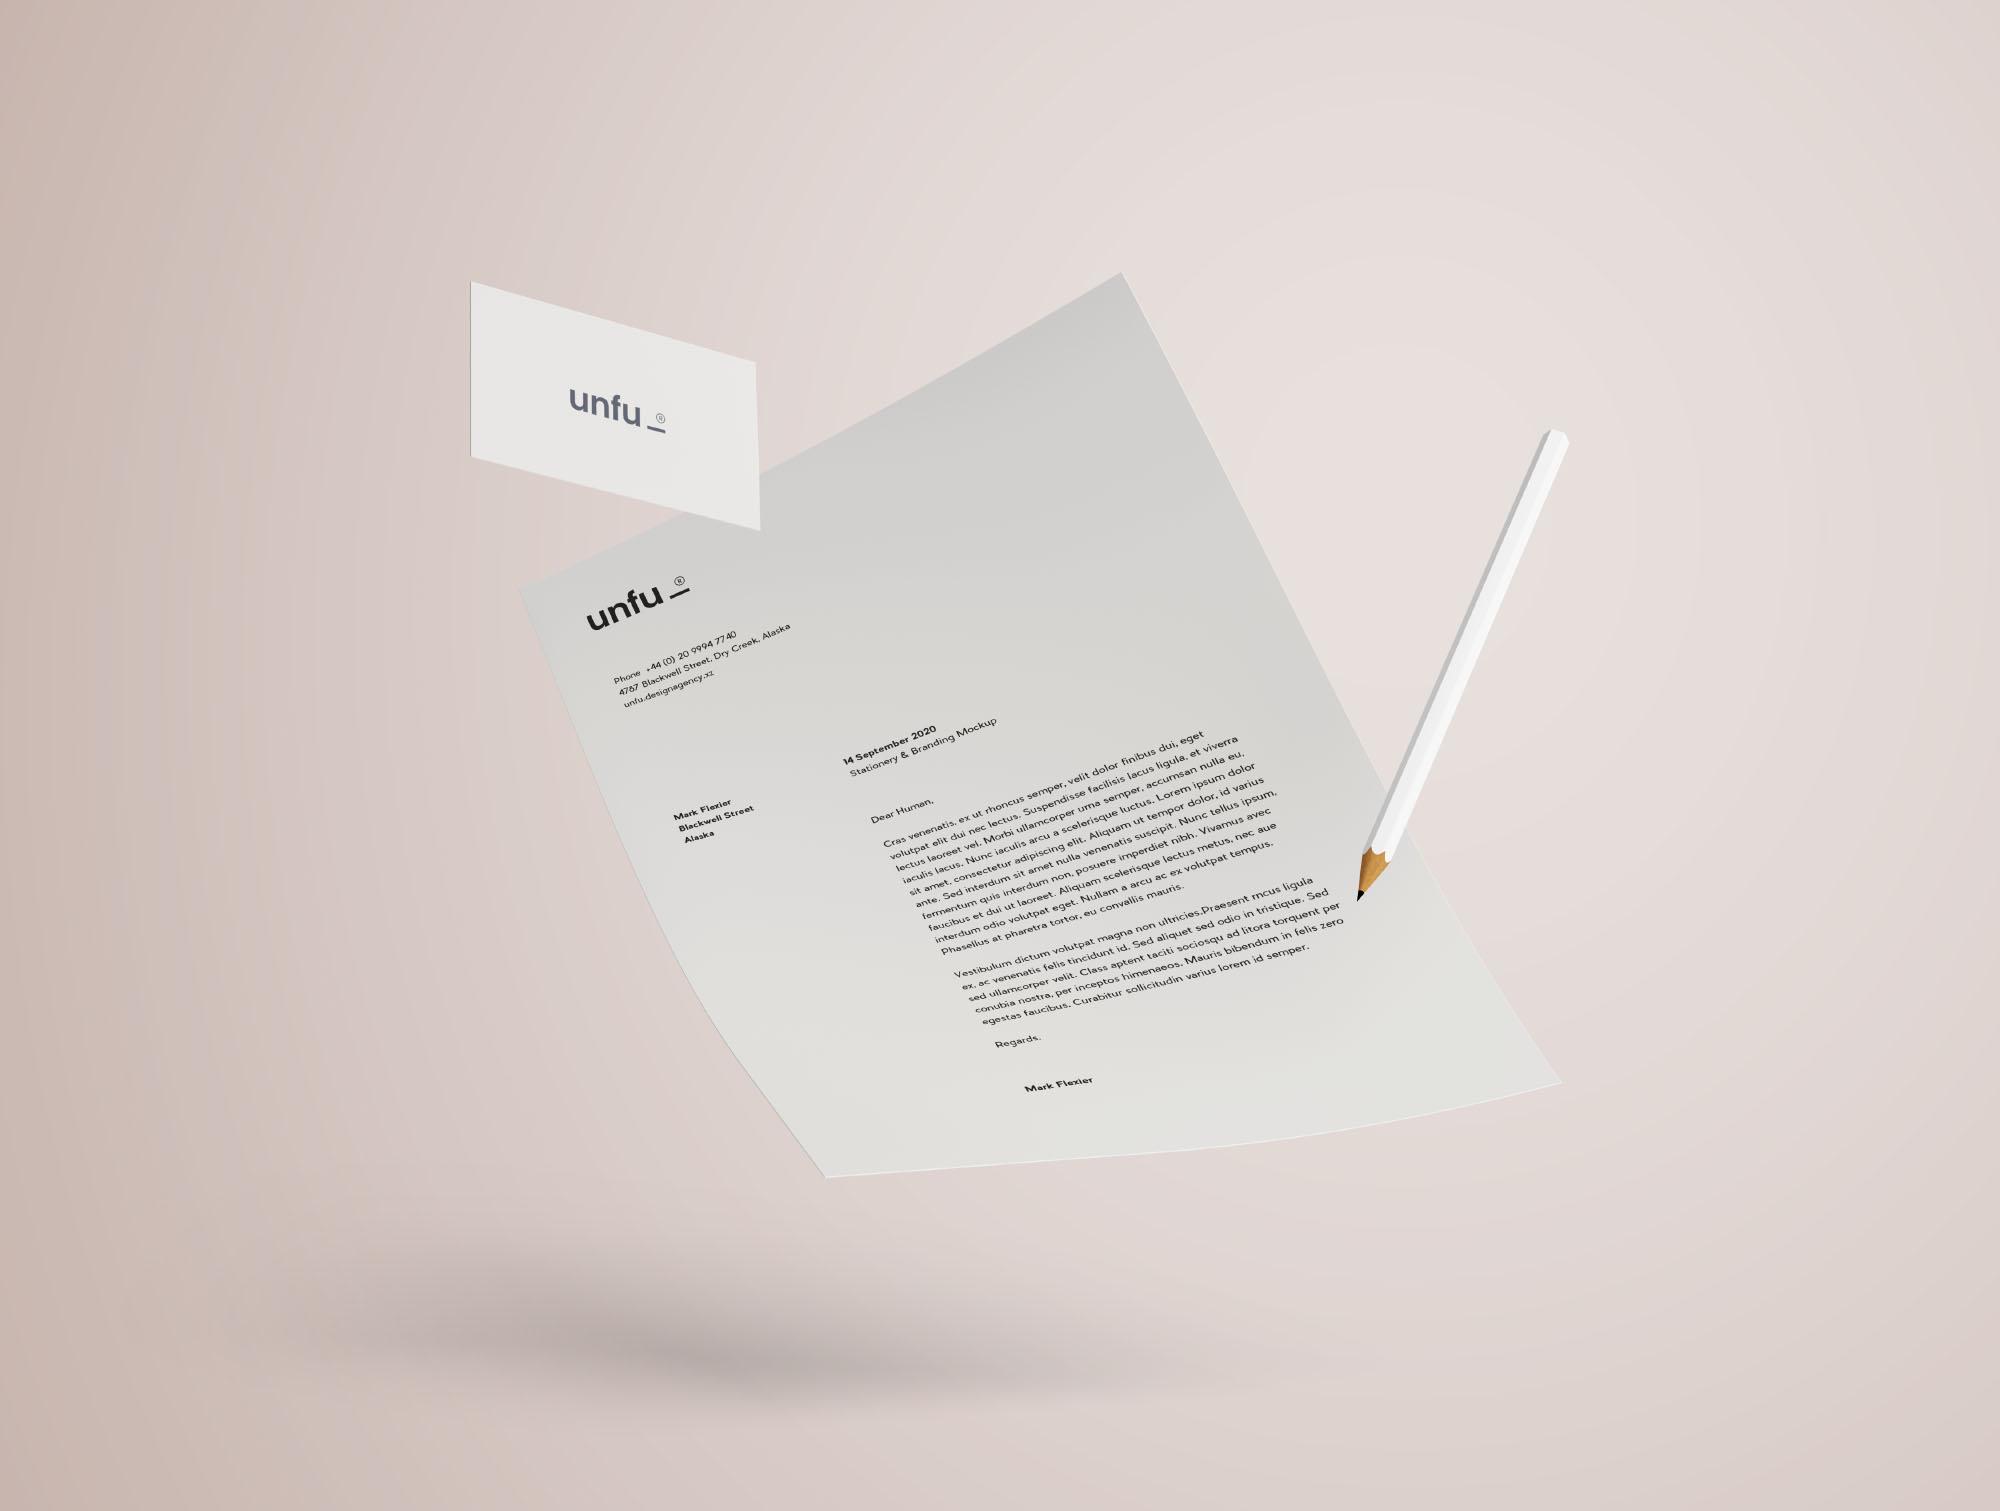 Branding Mockup - Letterhead